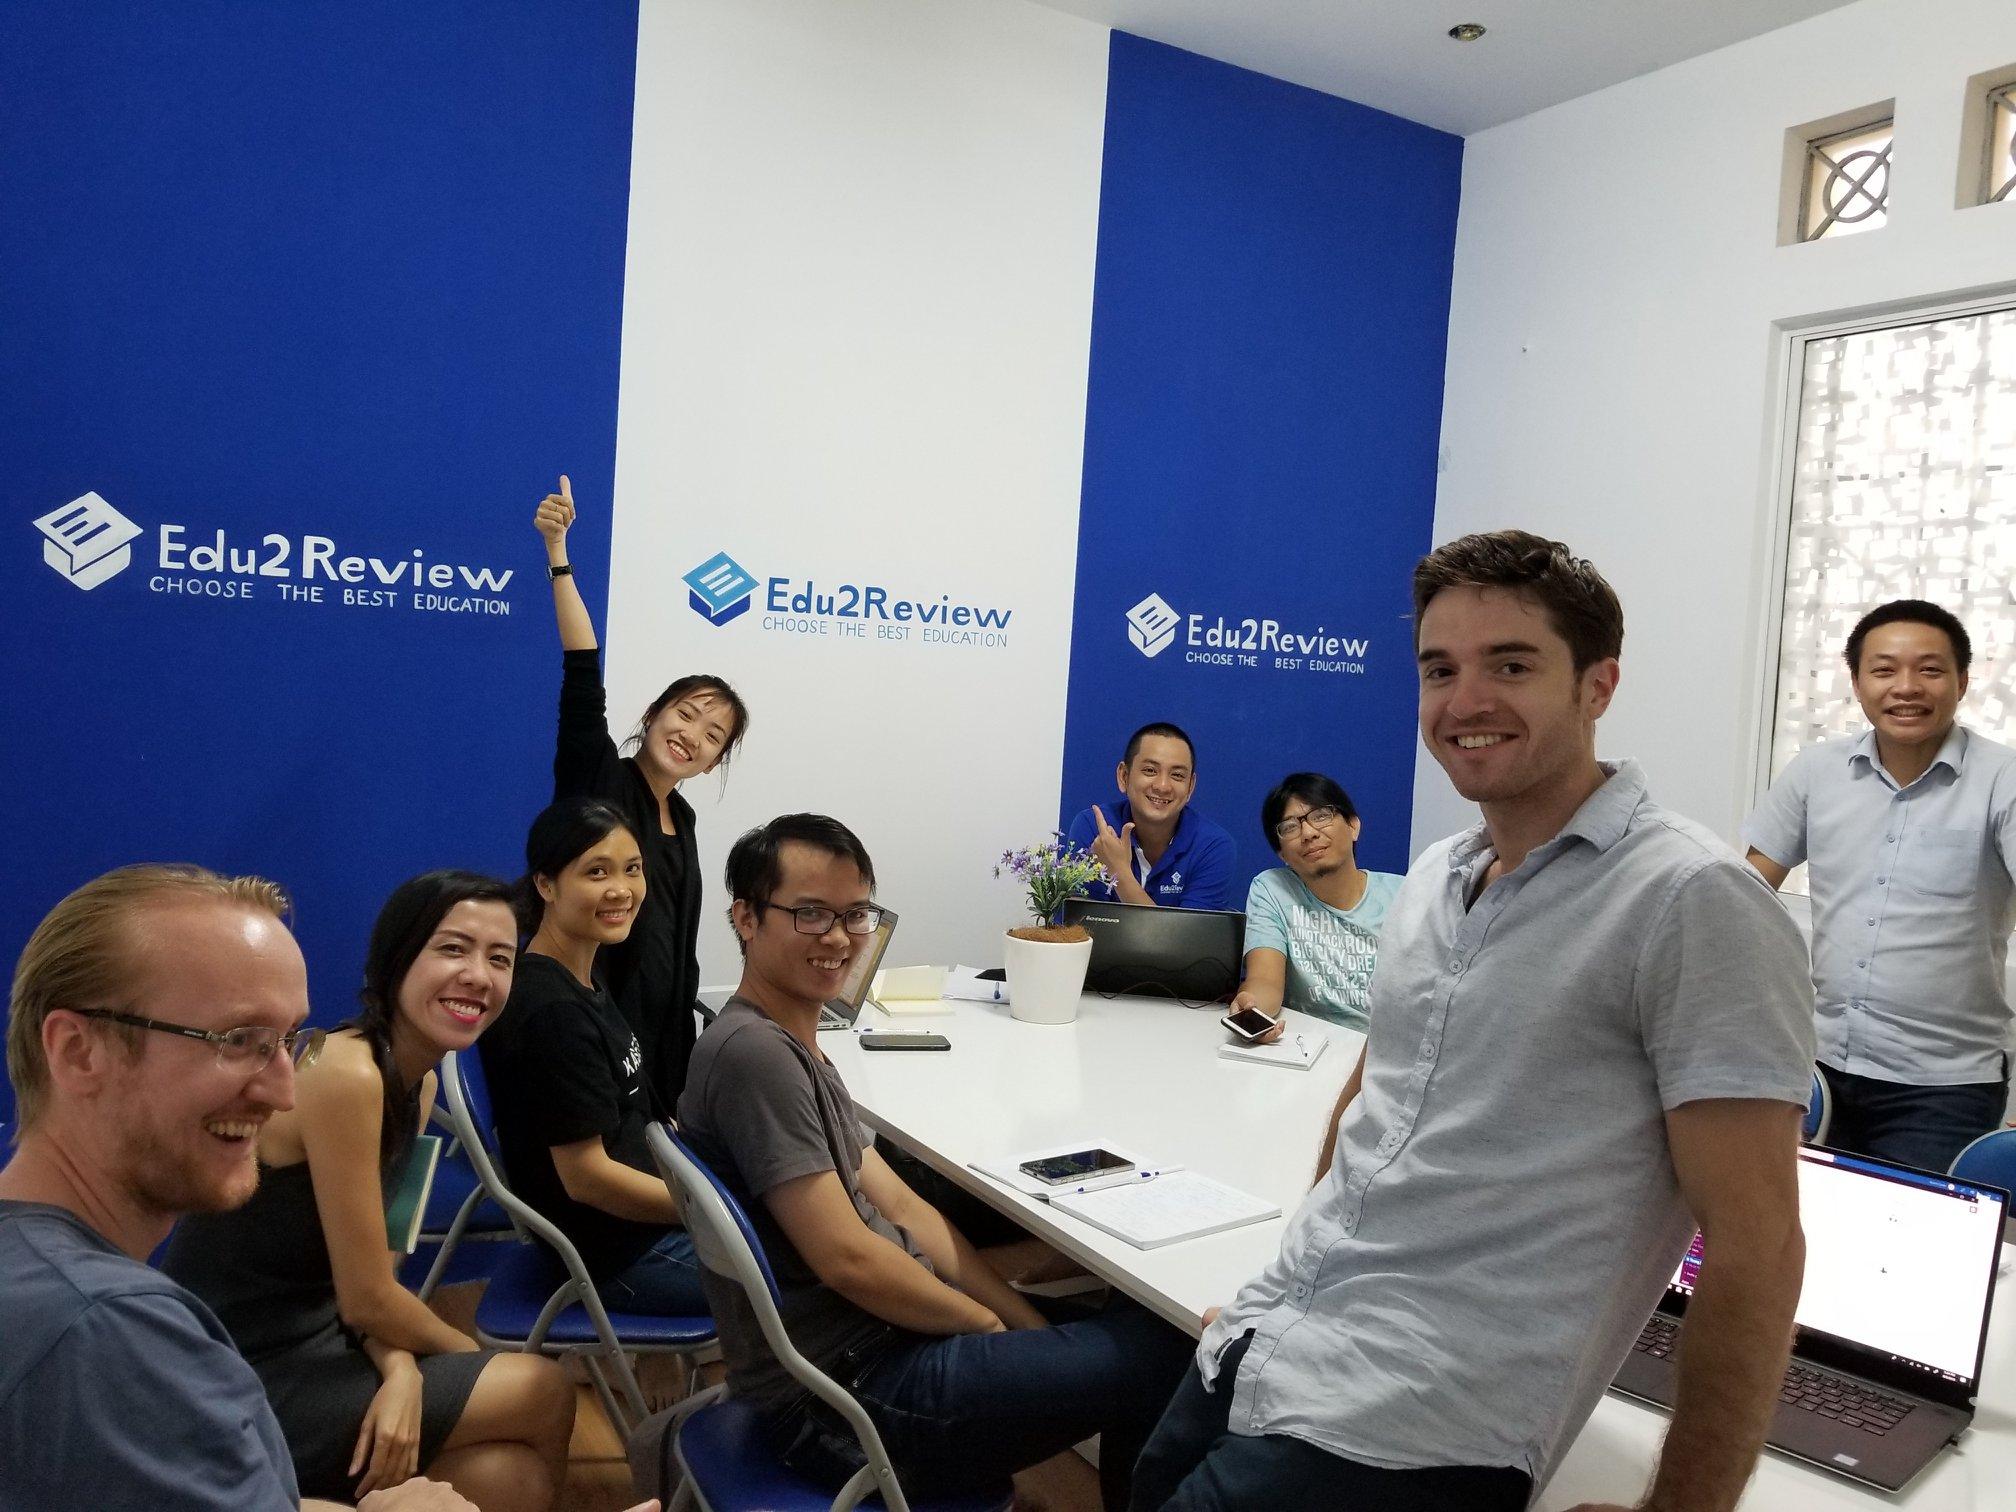 Tìm kiếm 'ngôi sao' mới ở sân chơi công nghệ giáo dục tại Việt Nam sau Topica - Ảnh 3.